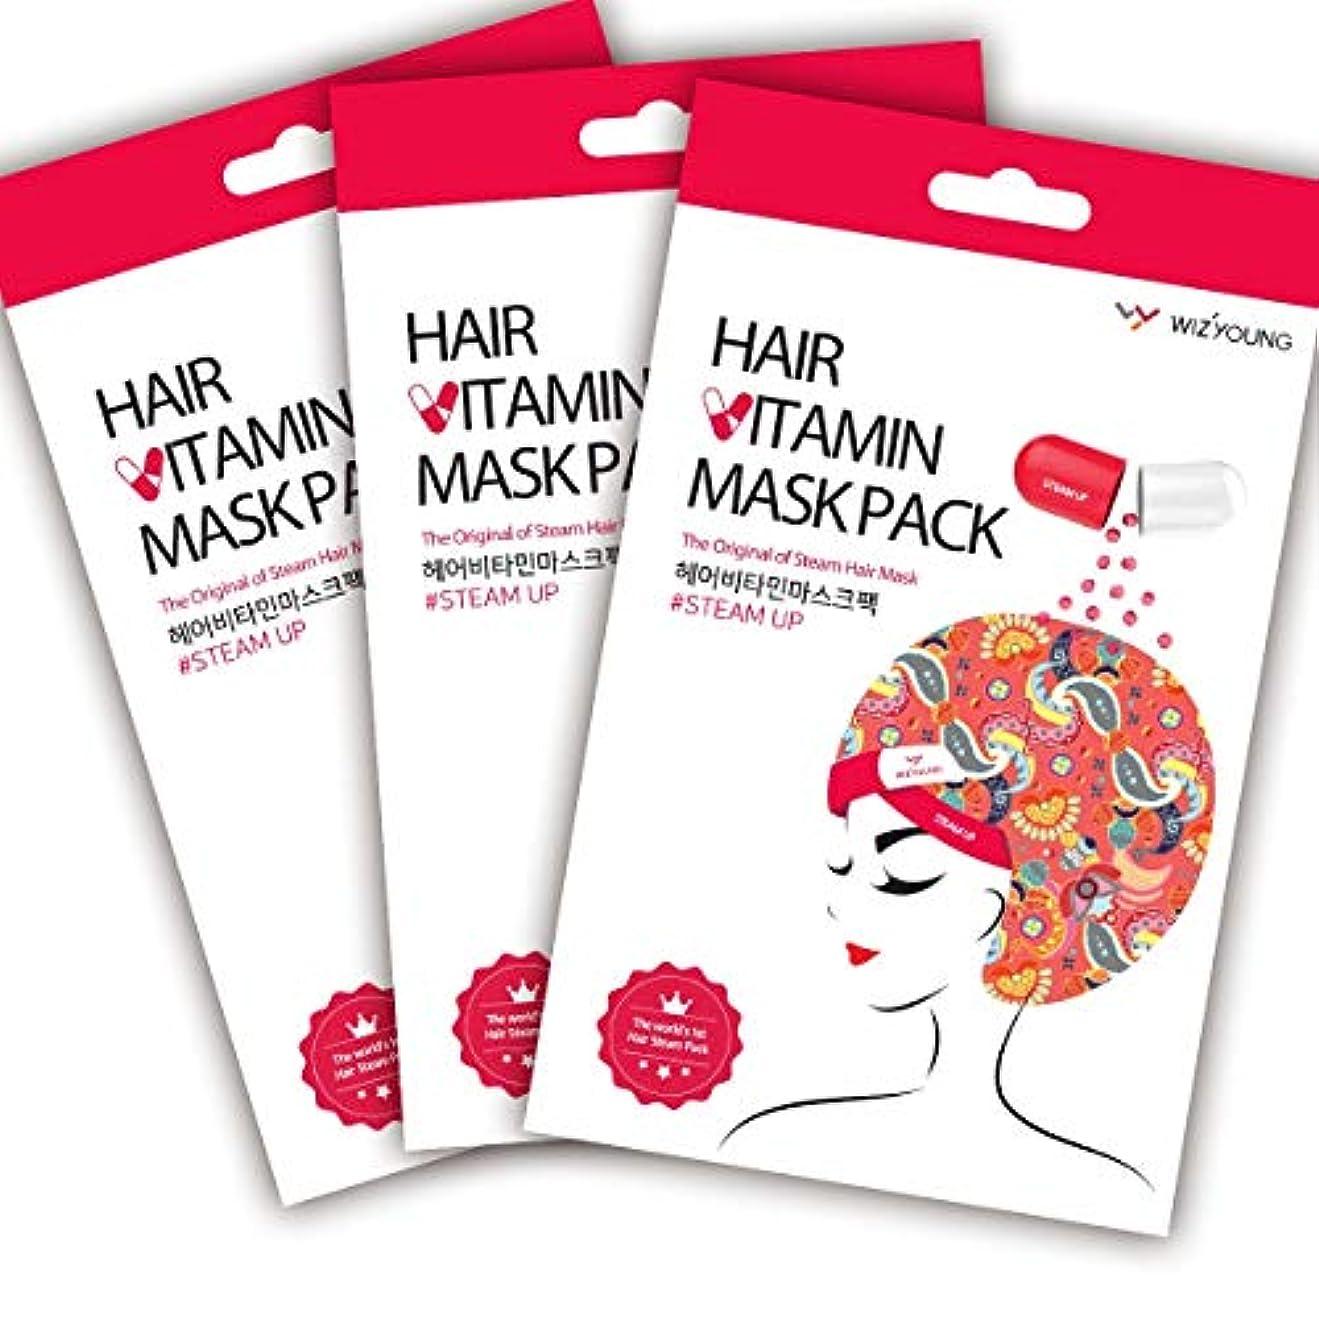 刃娘塗抹ヘアビタミンマスクパック スチームアップ 3パックセット HAIR VITAMIN MASK PACK STEAM UP